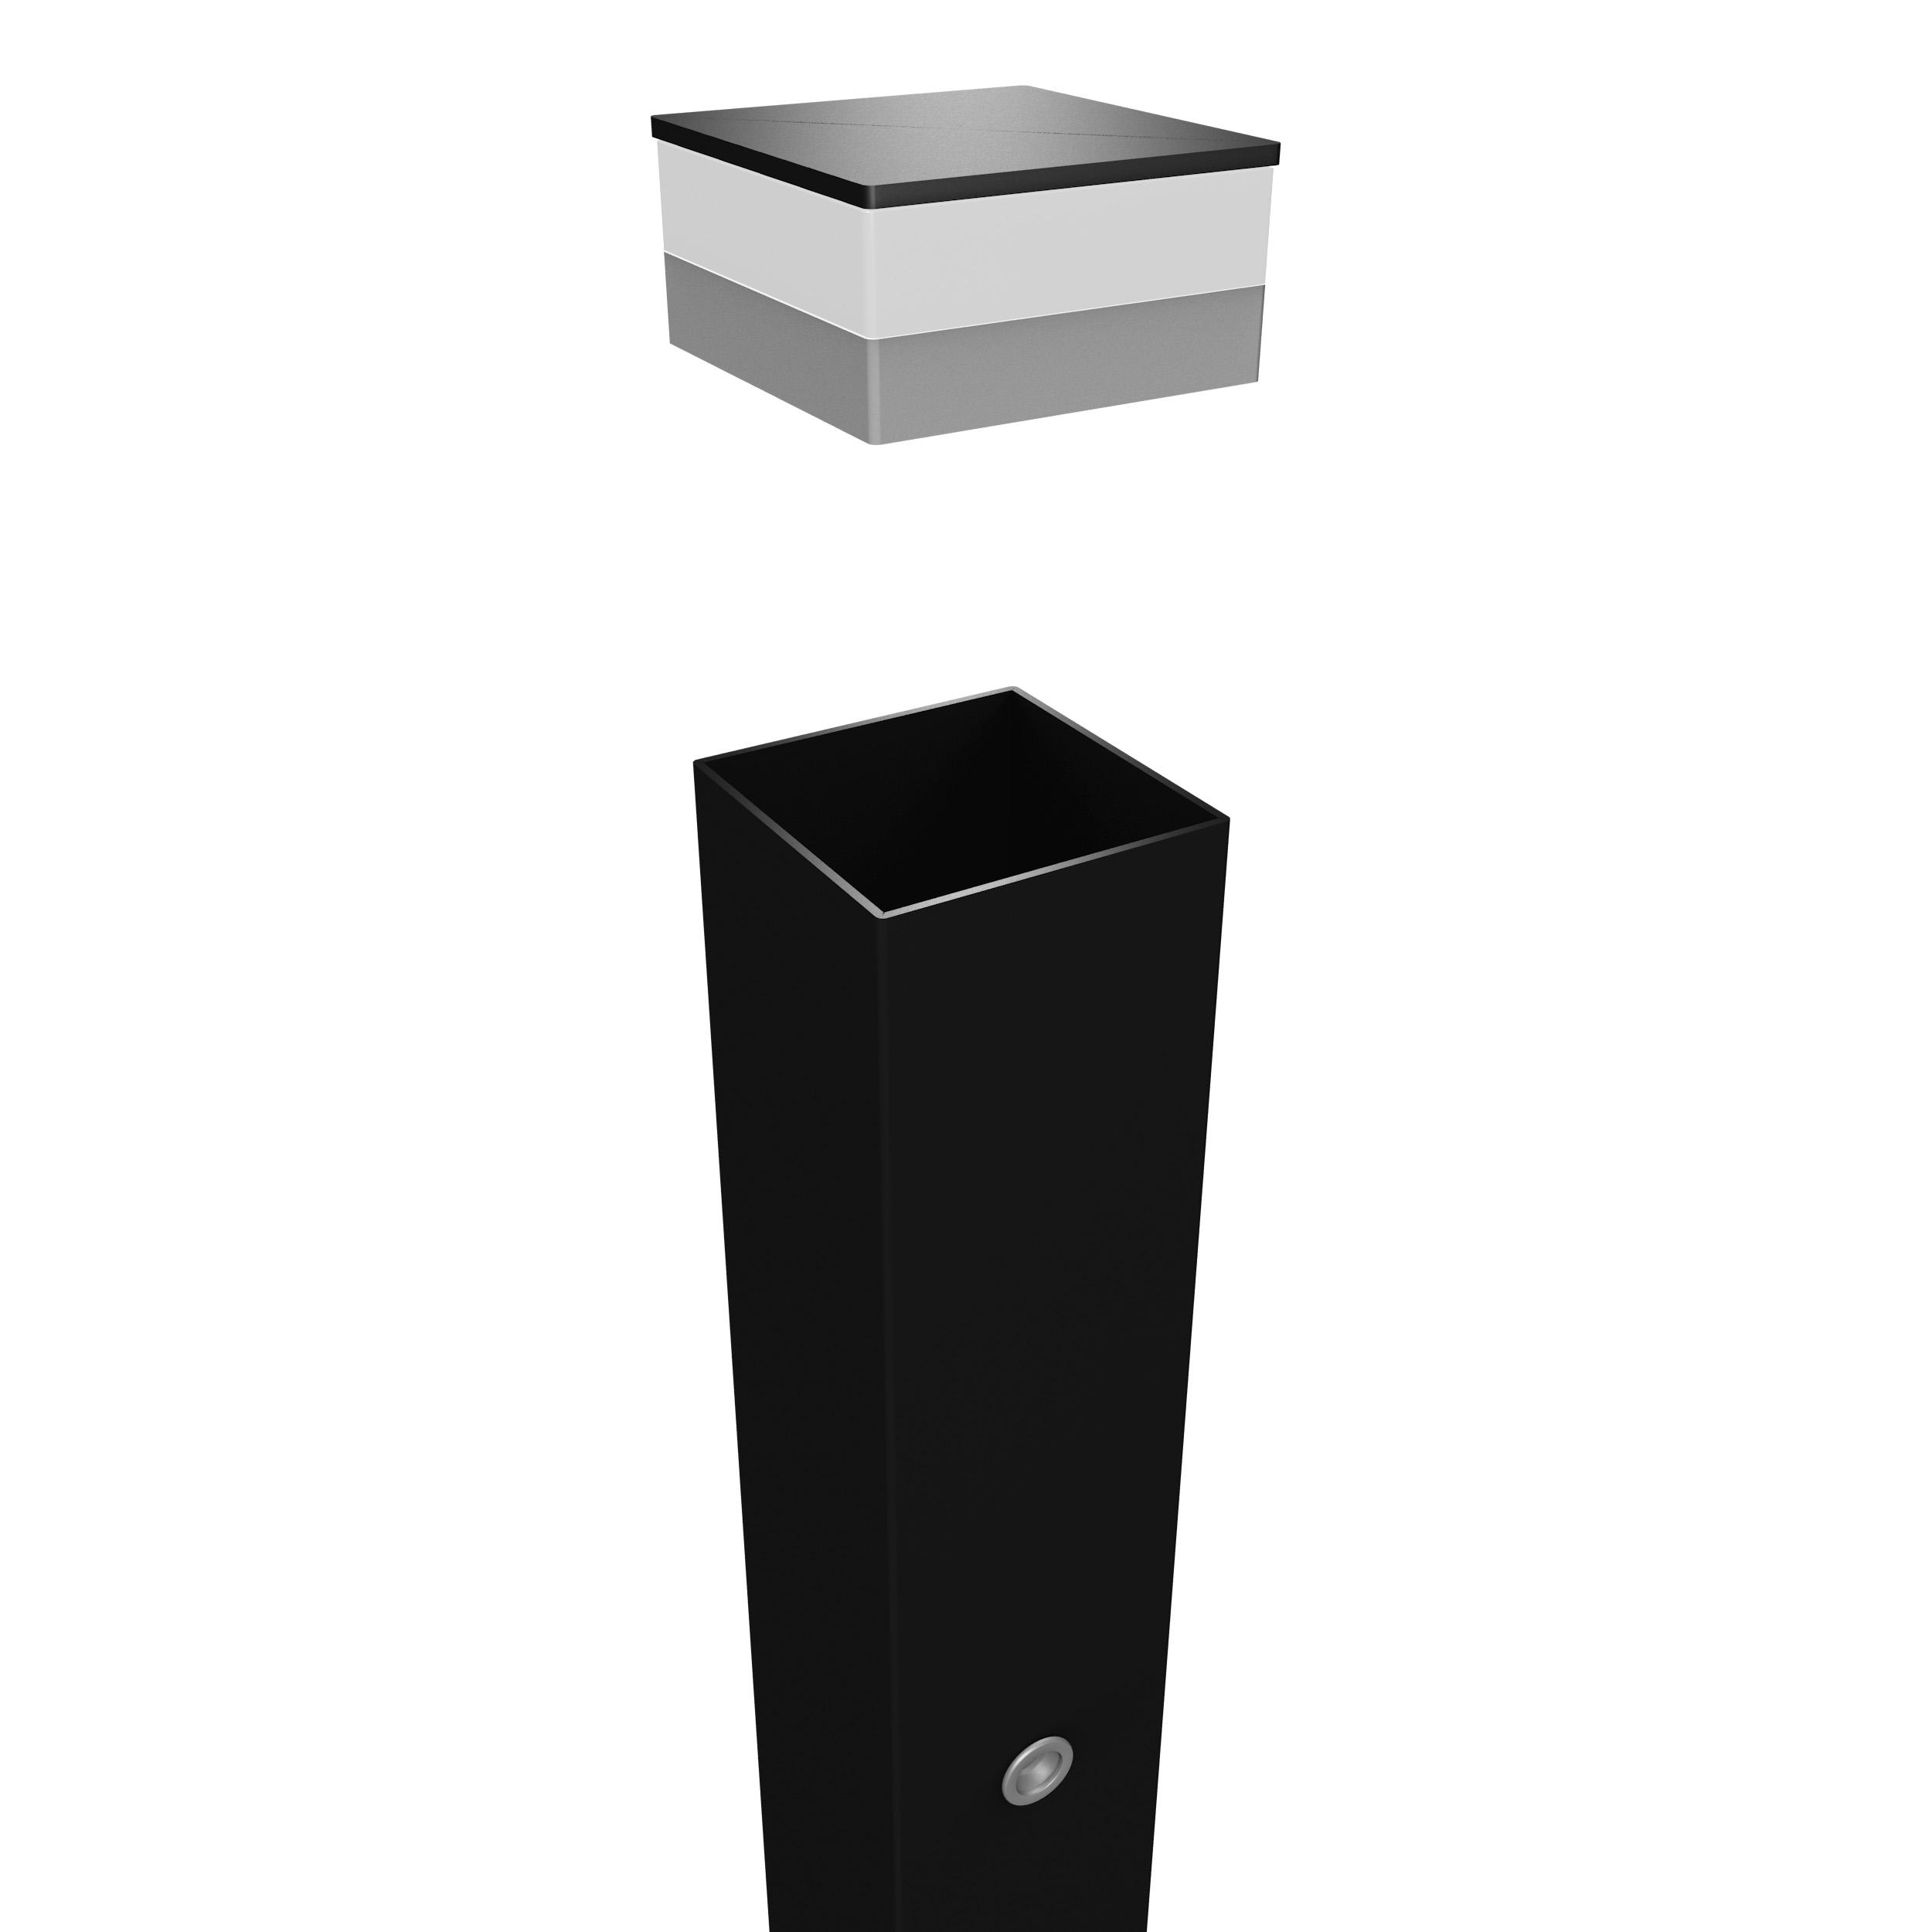 Sloupek 10x10x220 cm s LED-prostorovým osvětlením balení PLOTY | 13Kg